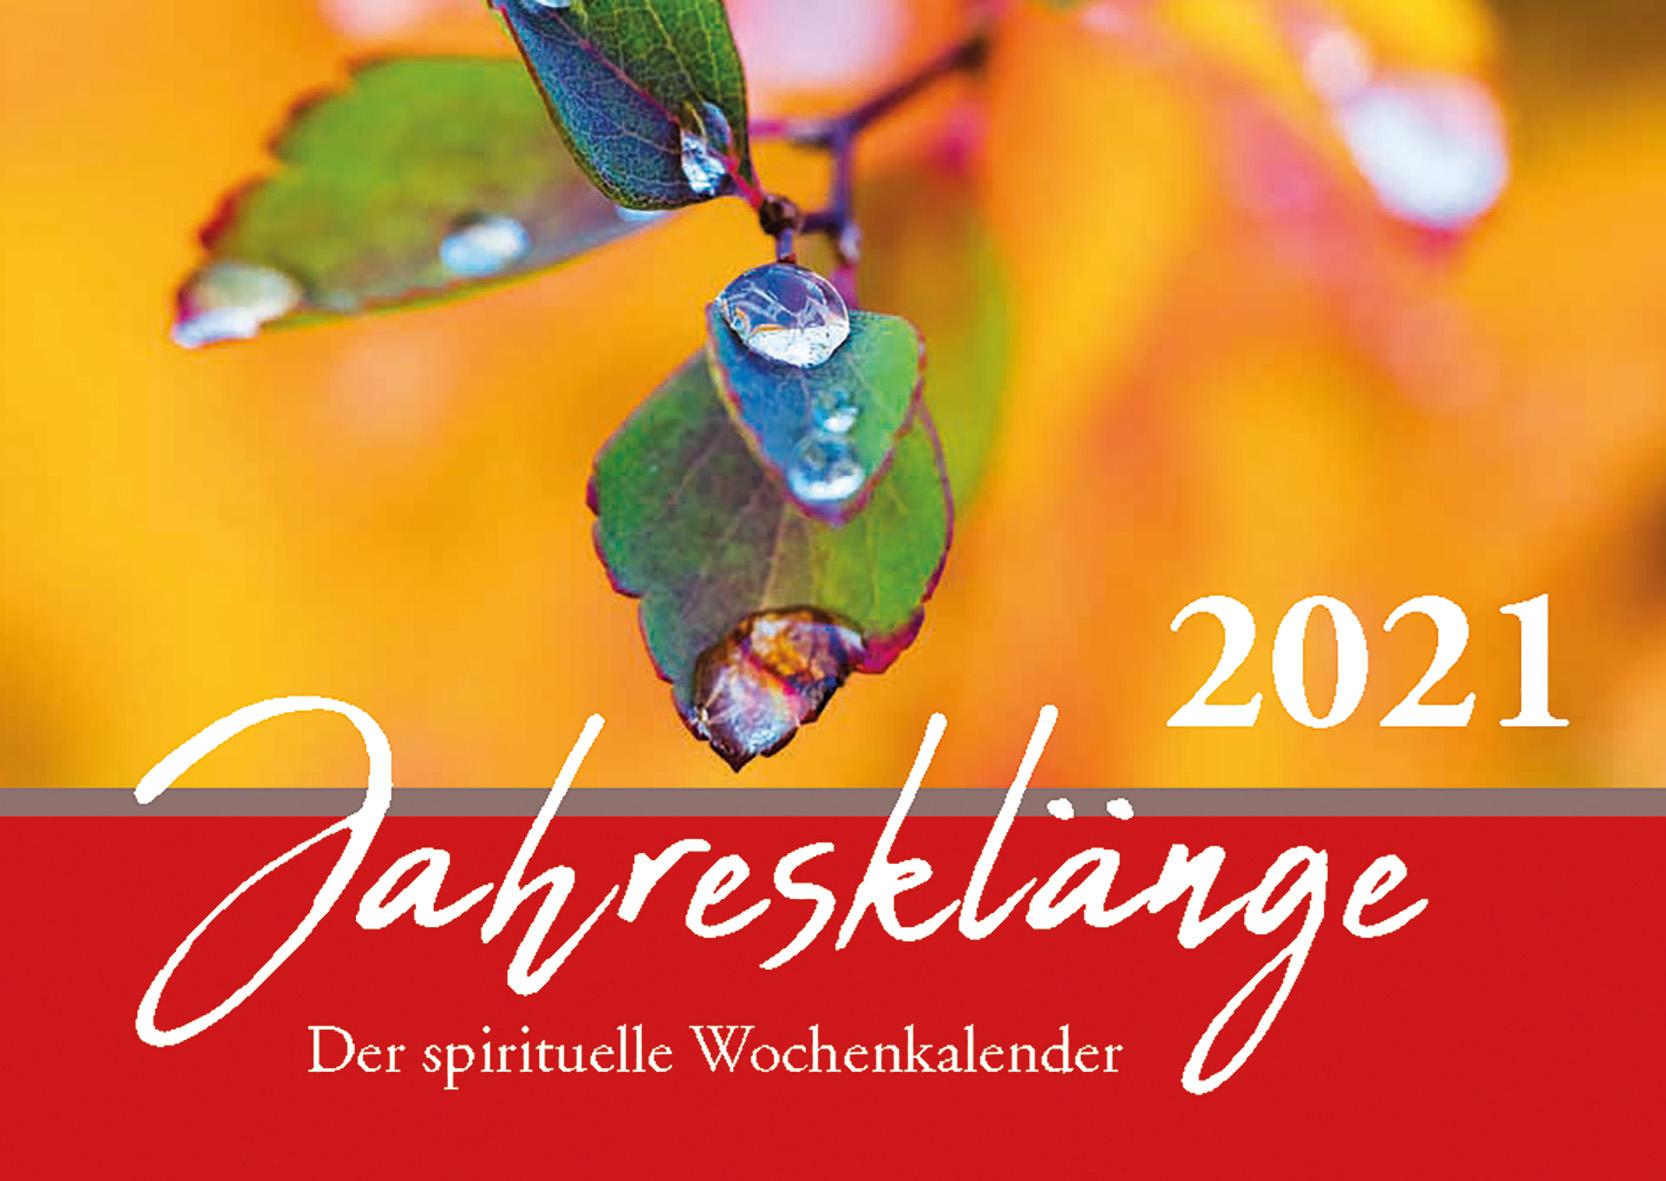 Jahresklänge 2021